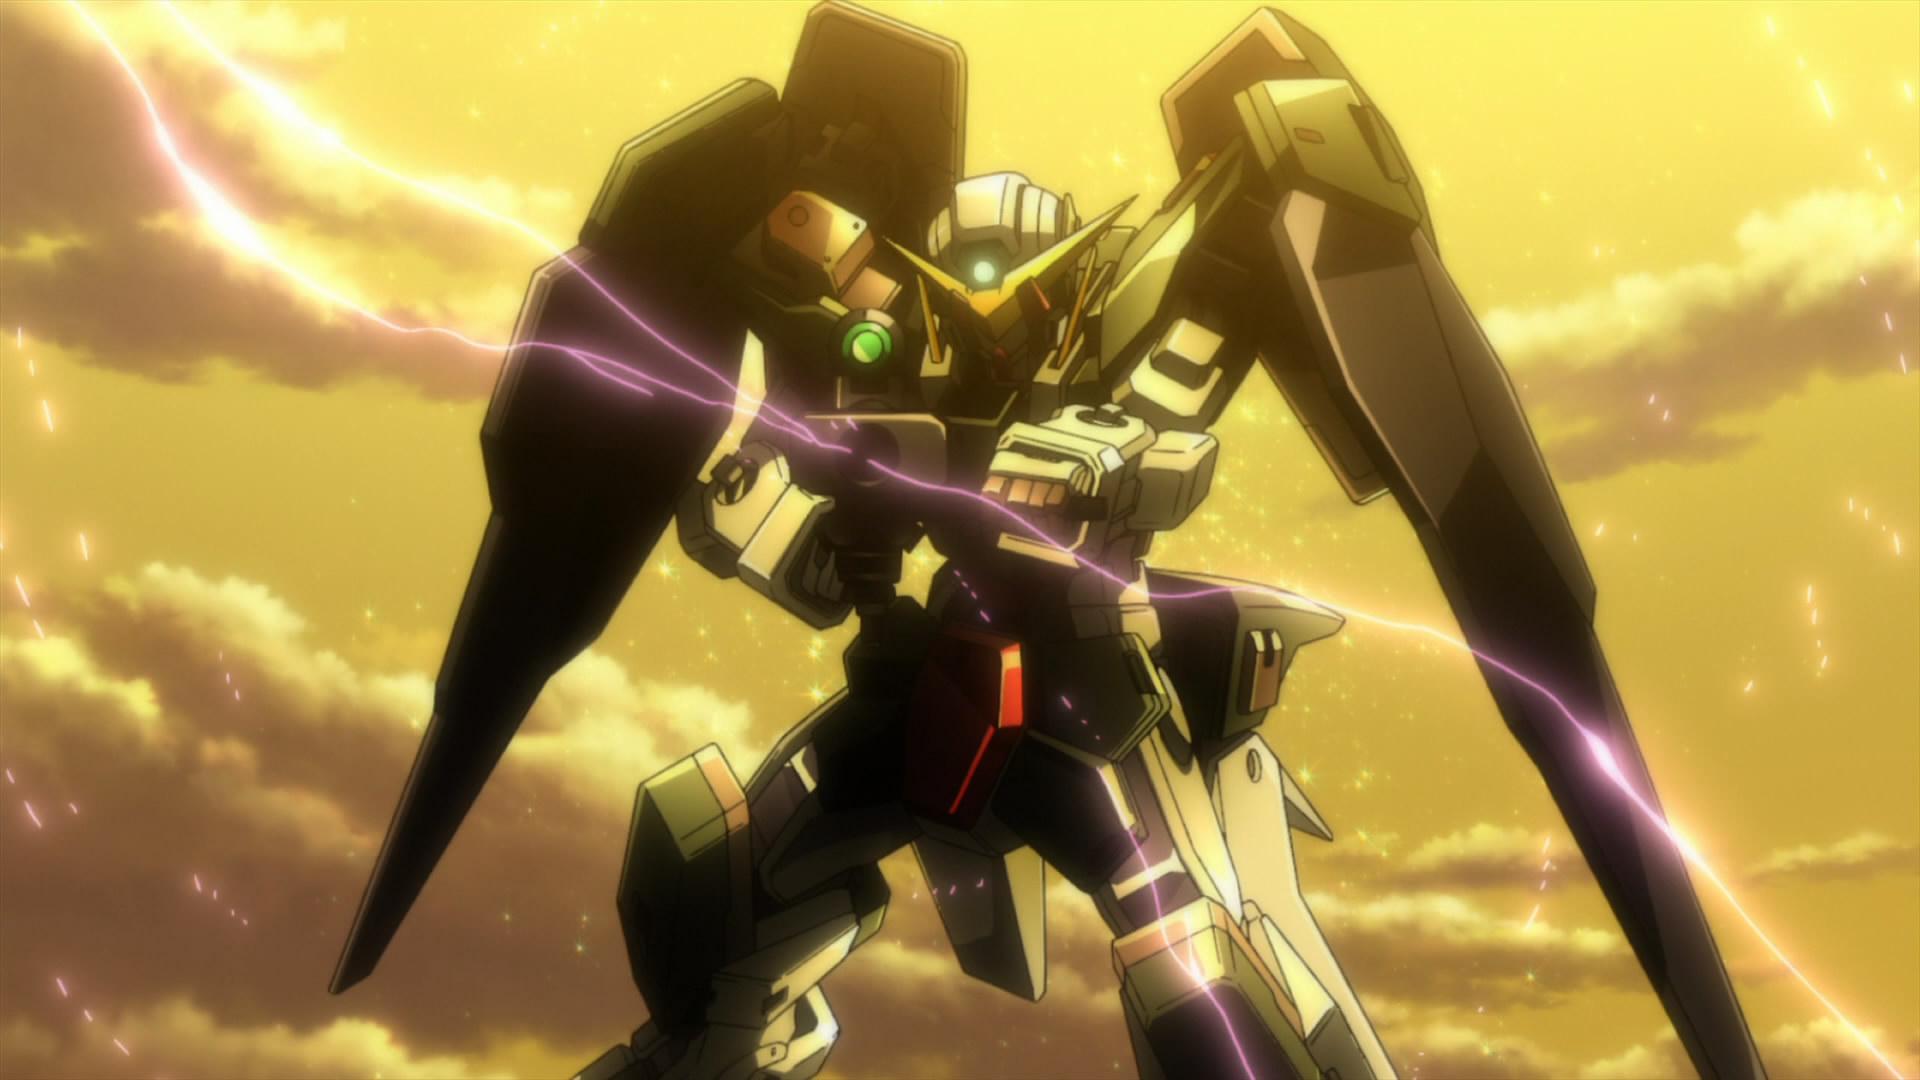 Gundam Wallpaper 1920X1080   1333231 1920x1080